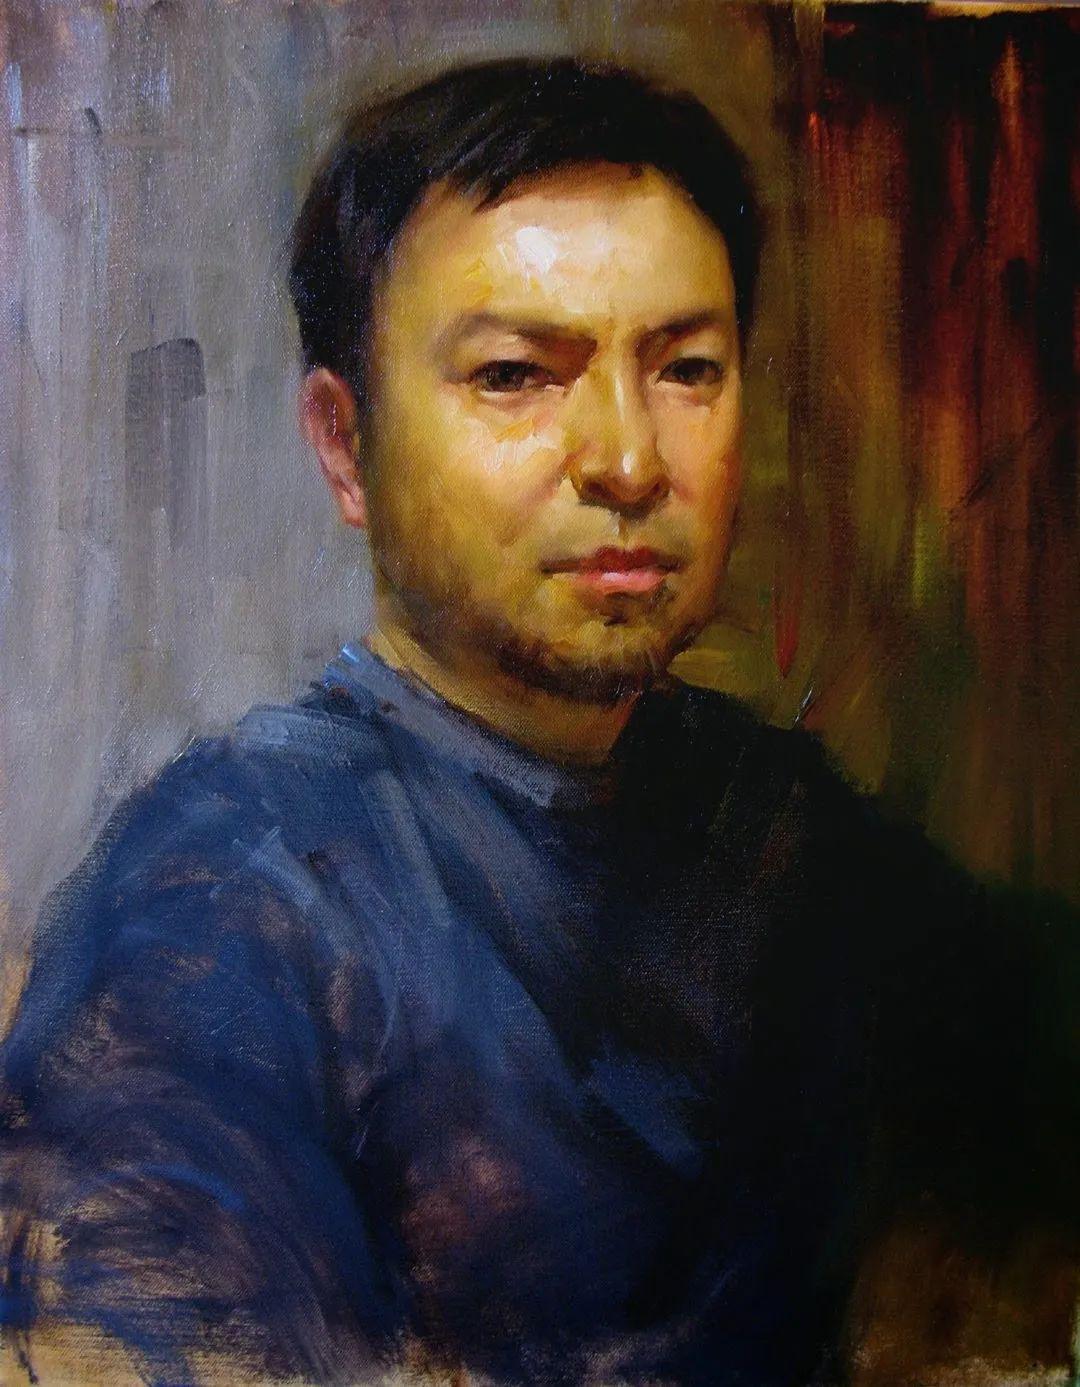 旧金山艺术学院研究生导师,刘方伟肖像油画欣赏插图37